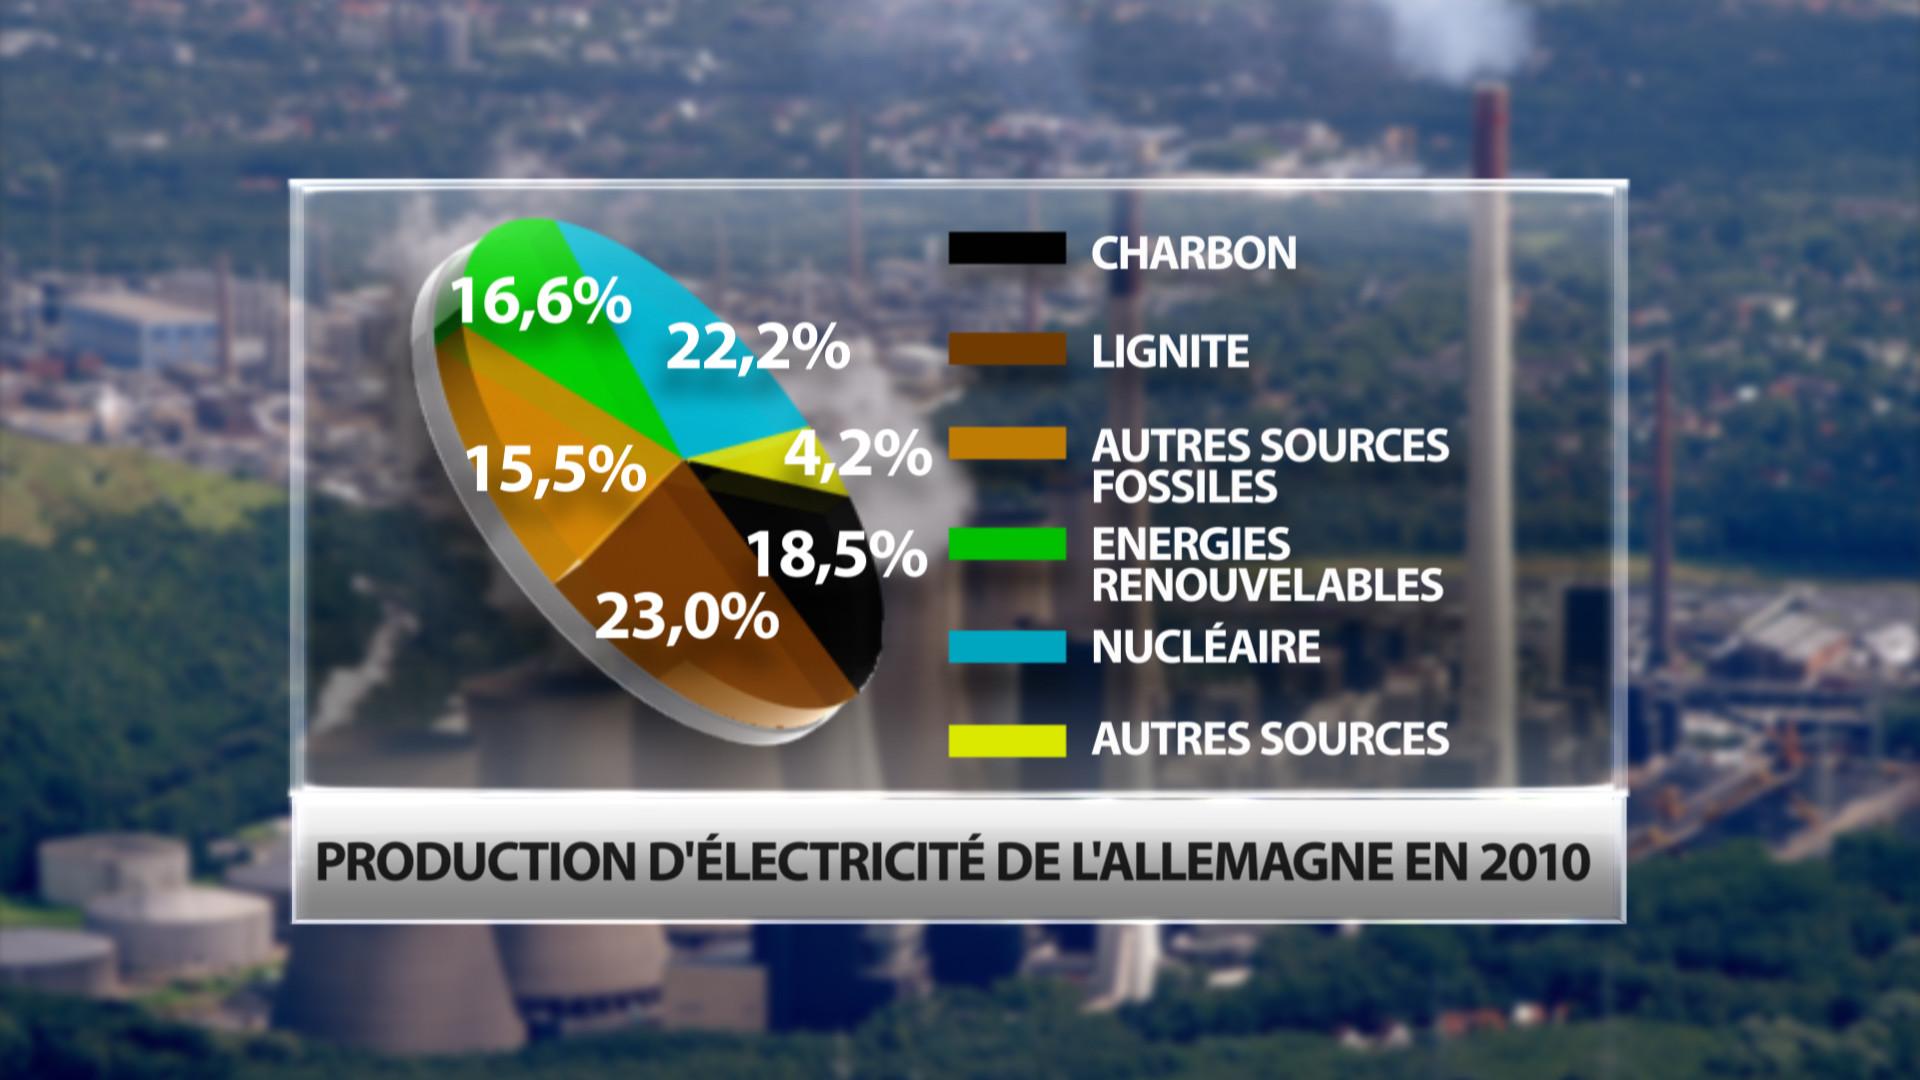 Loi sur la transition énergétique : l'Allemagne, un exemple à ne pas suivre